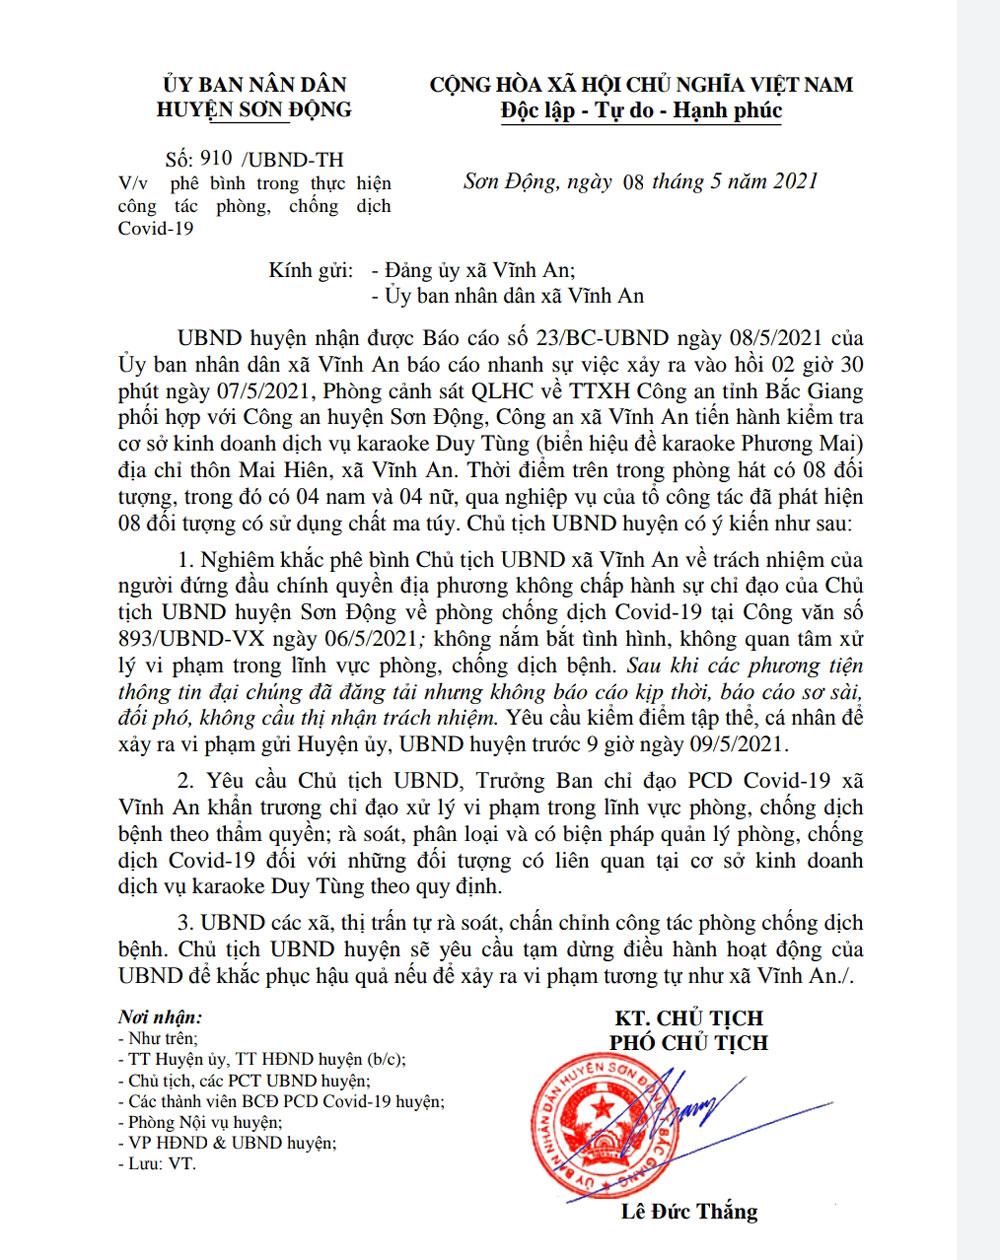 phê bình chủ tịch, karaoke; covid-19; Sơn Động; Bắc Giang